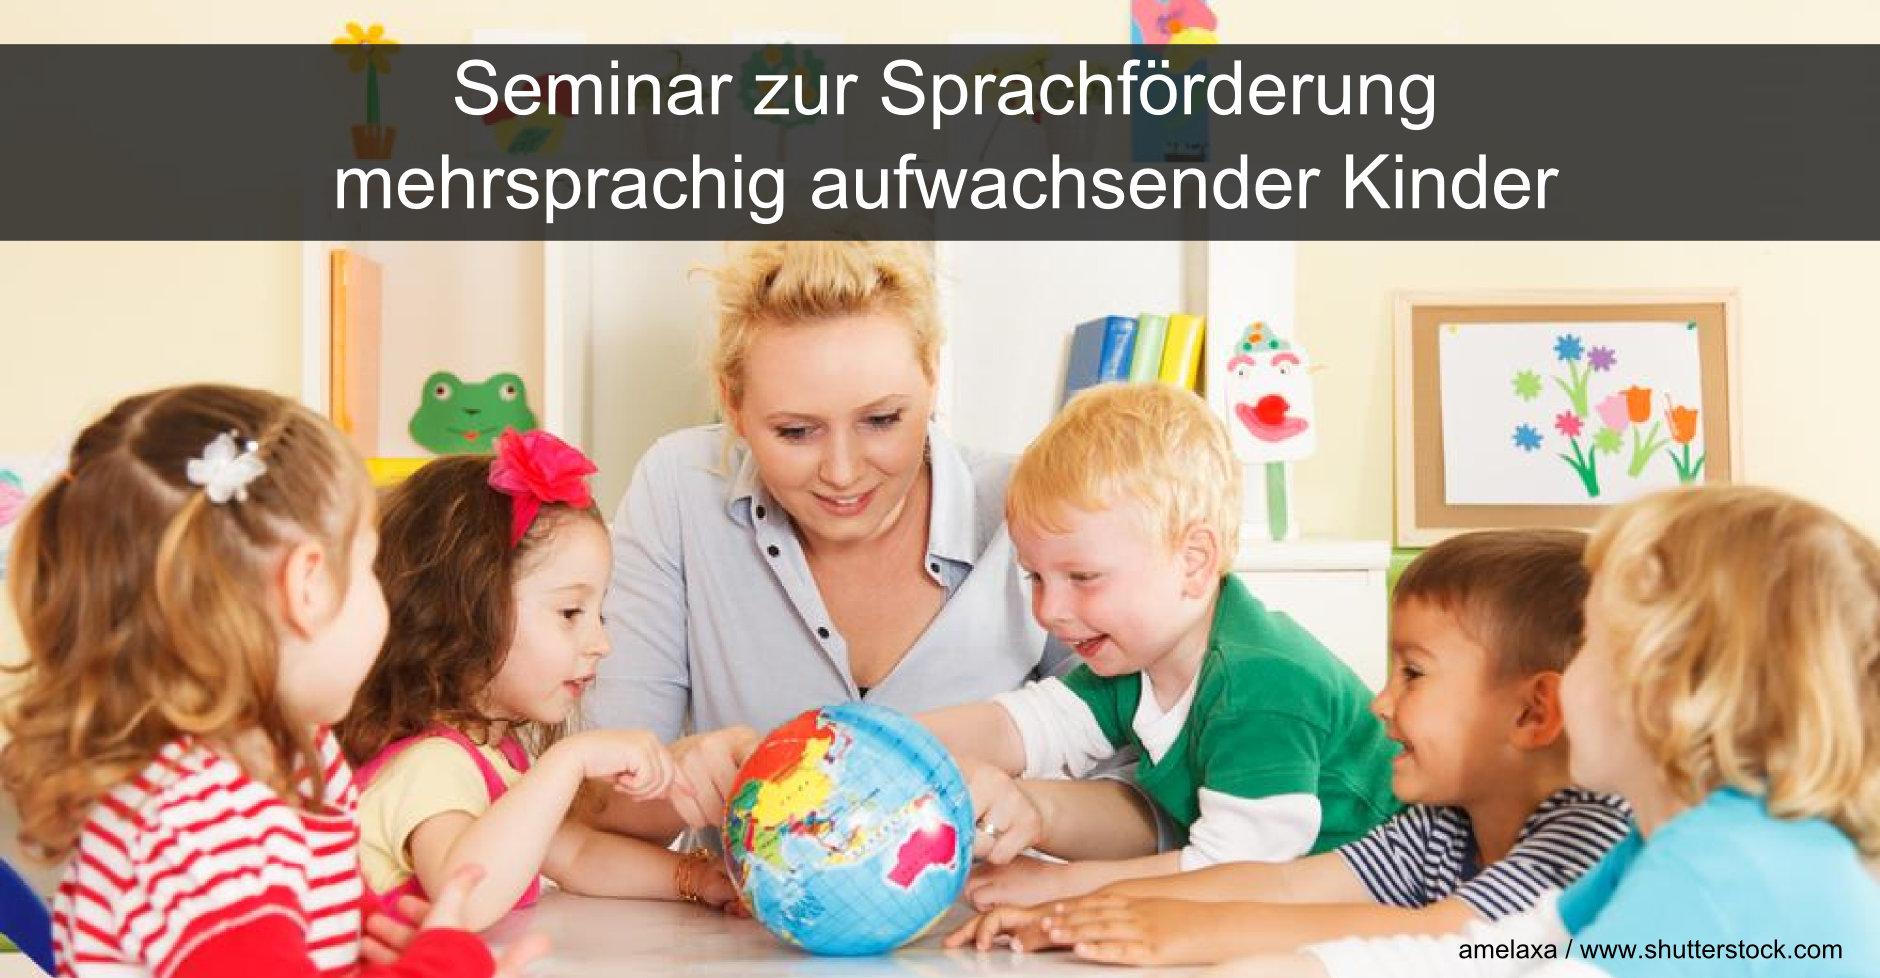 Gerade mehrsprachig aufwachsende Kinder benötigen oft eine zusätzliche Sprachförderung.